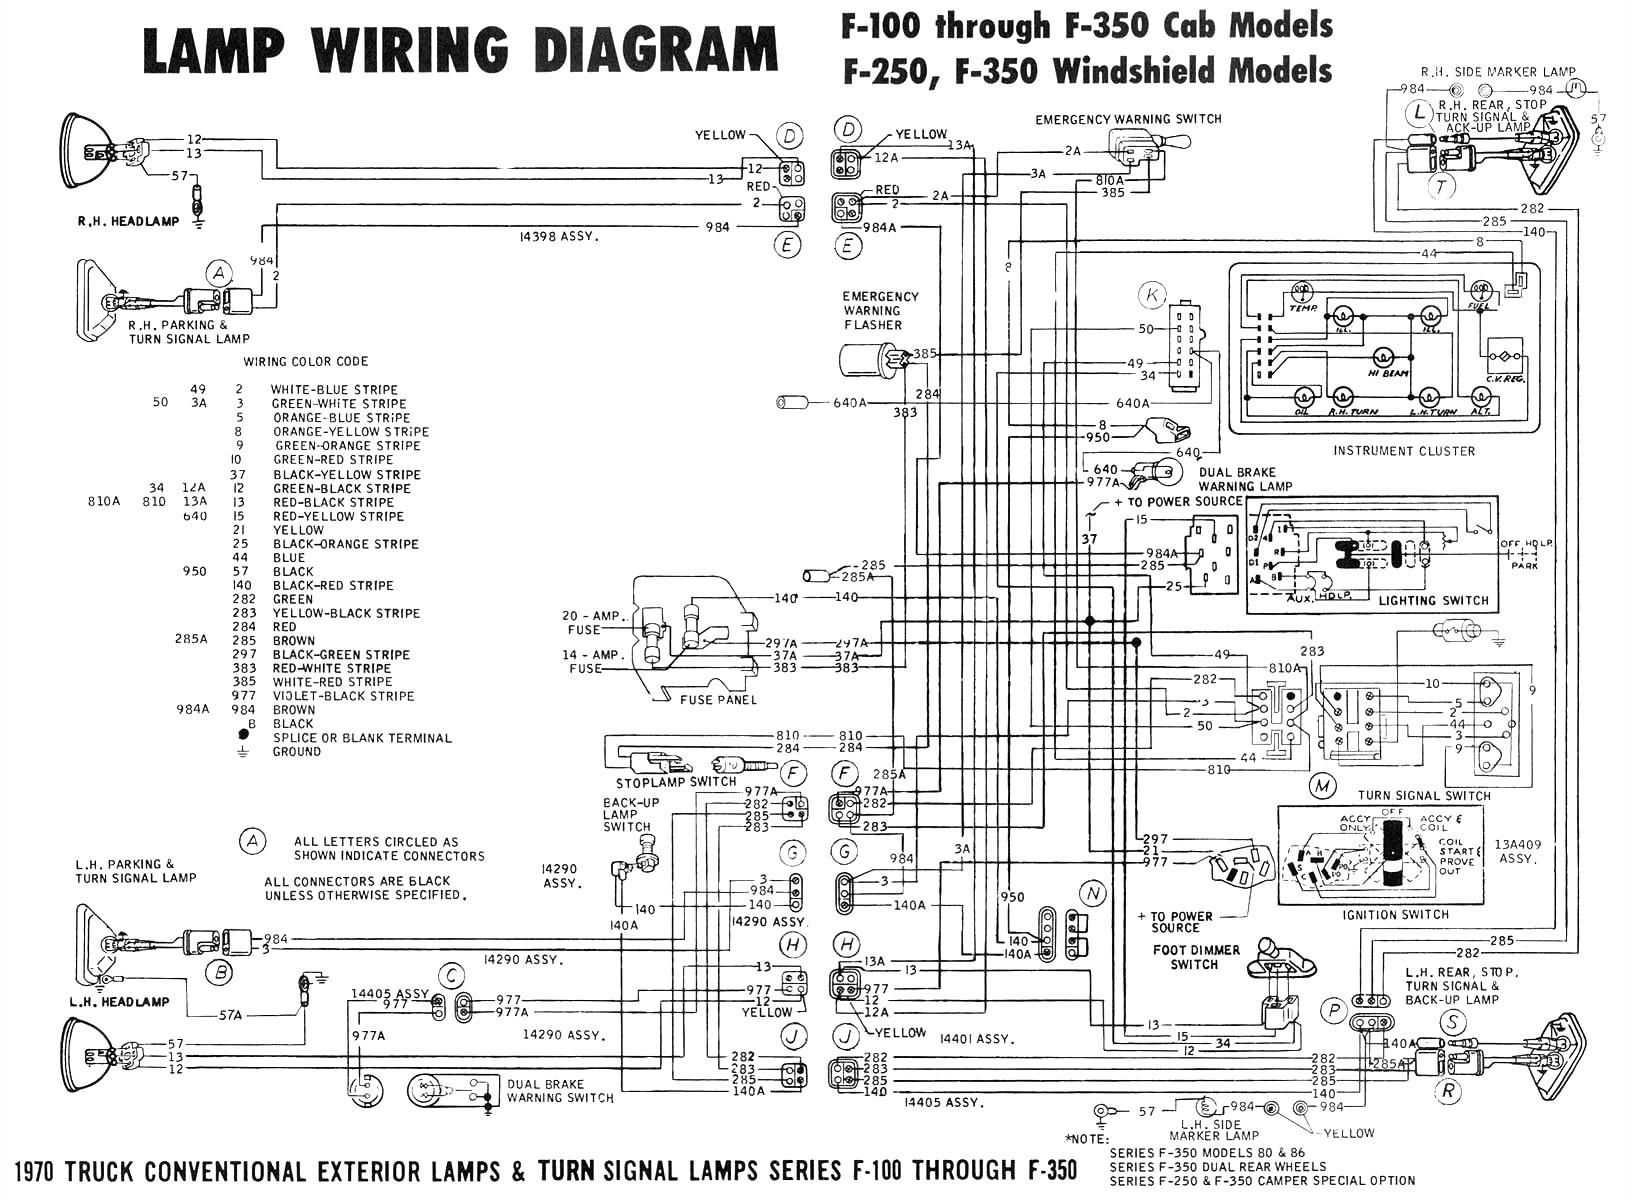 true freezer t 72f wiring diagram true tuc 27f wiring diagram new wiring diagram true freezer t 49f wiring diagram new free wiring 10o jpg